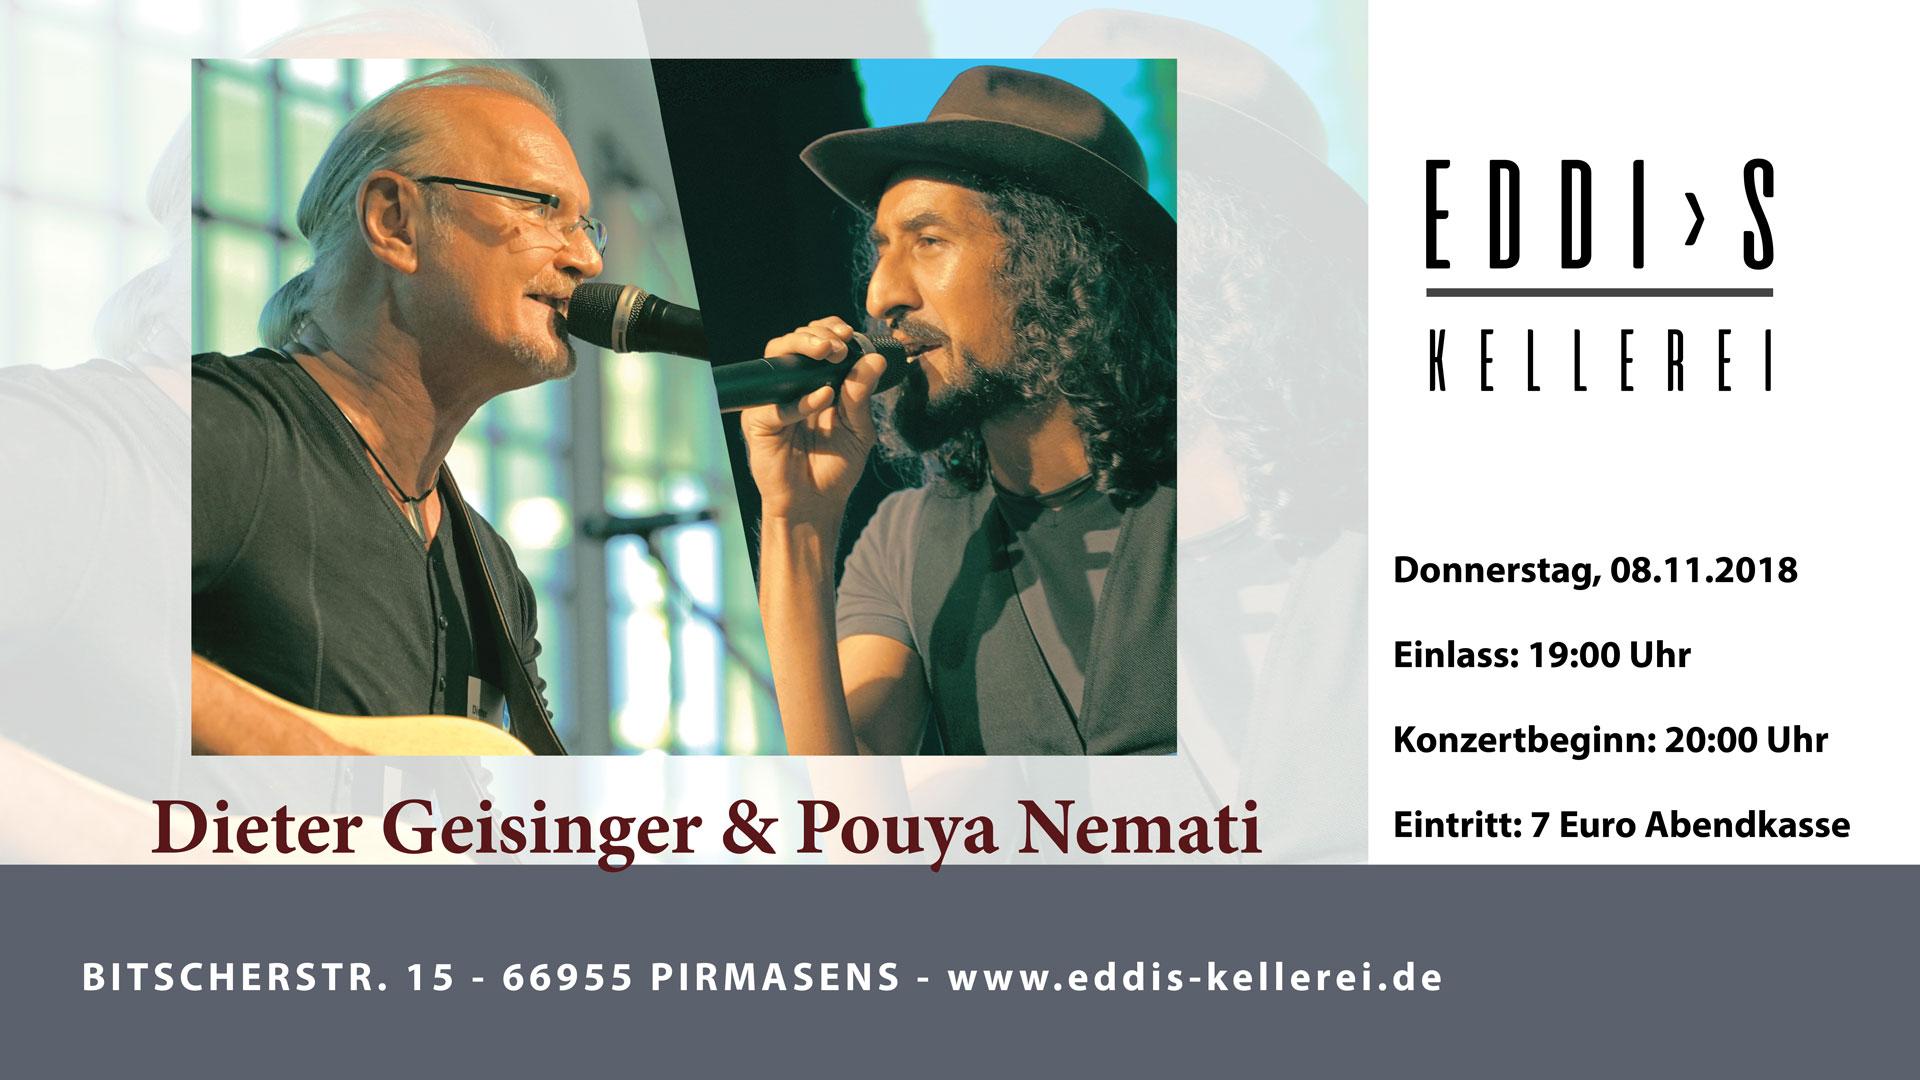 Dieter Geisinger & Pouya Nemati